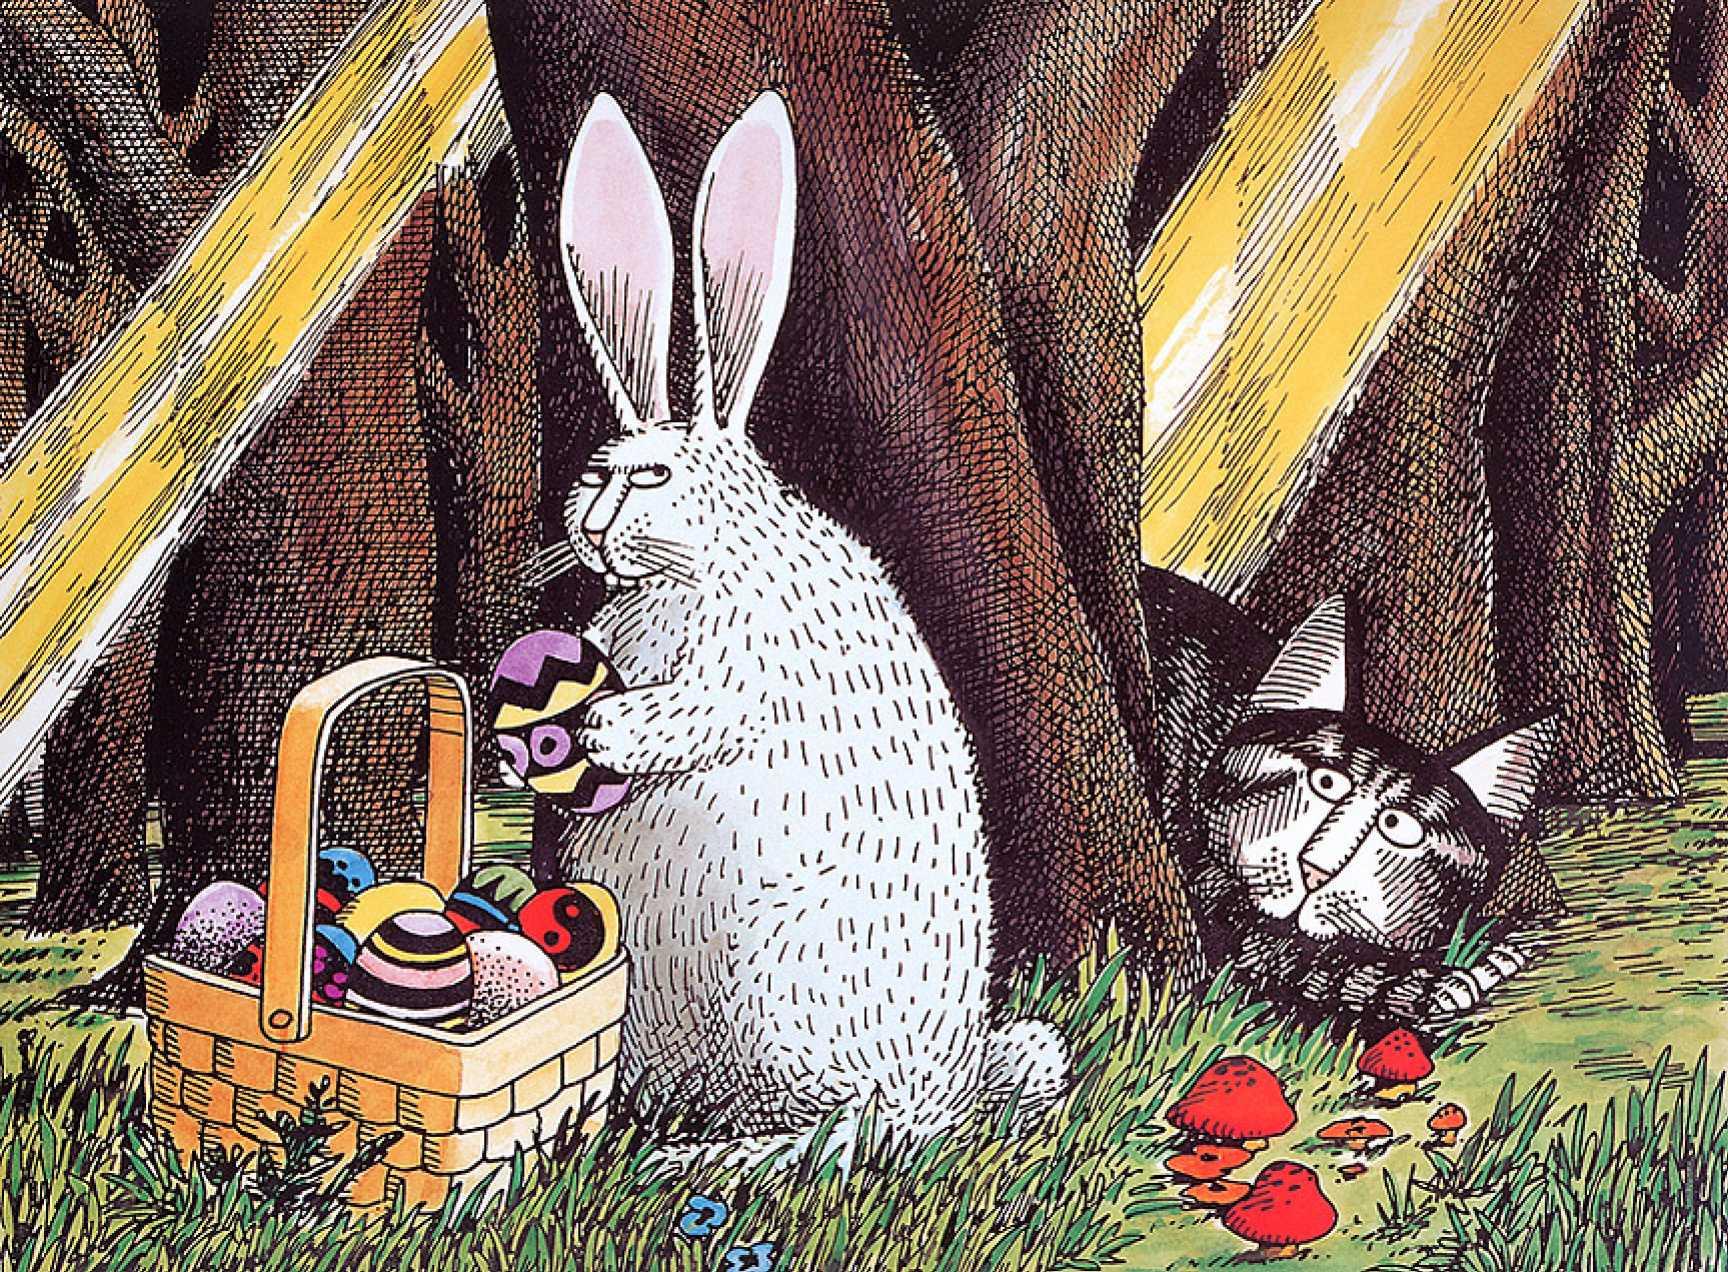 Открытки с котом и зайцем, днем рождения картинка